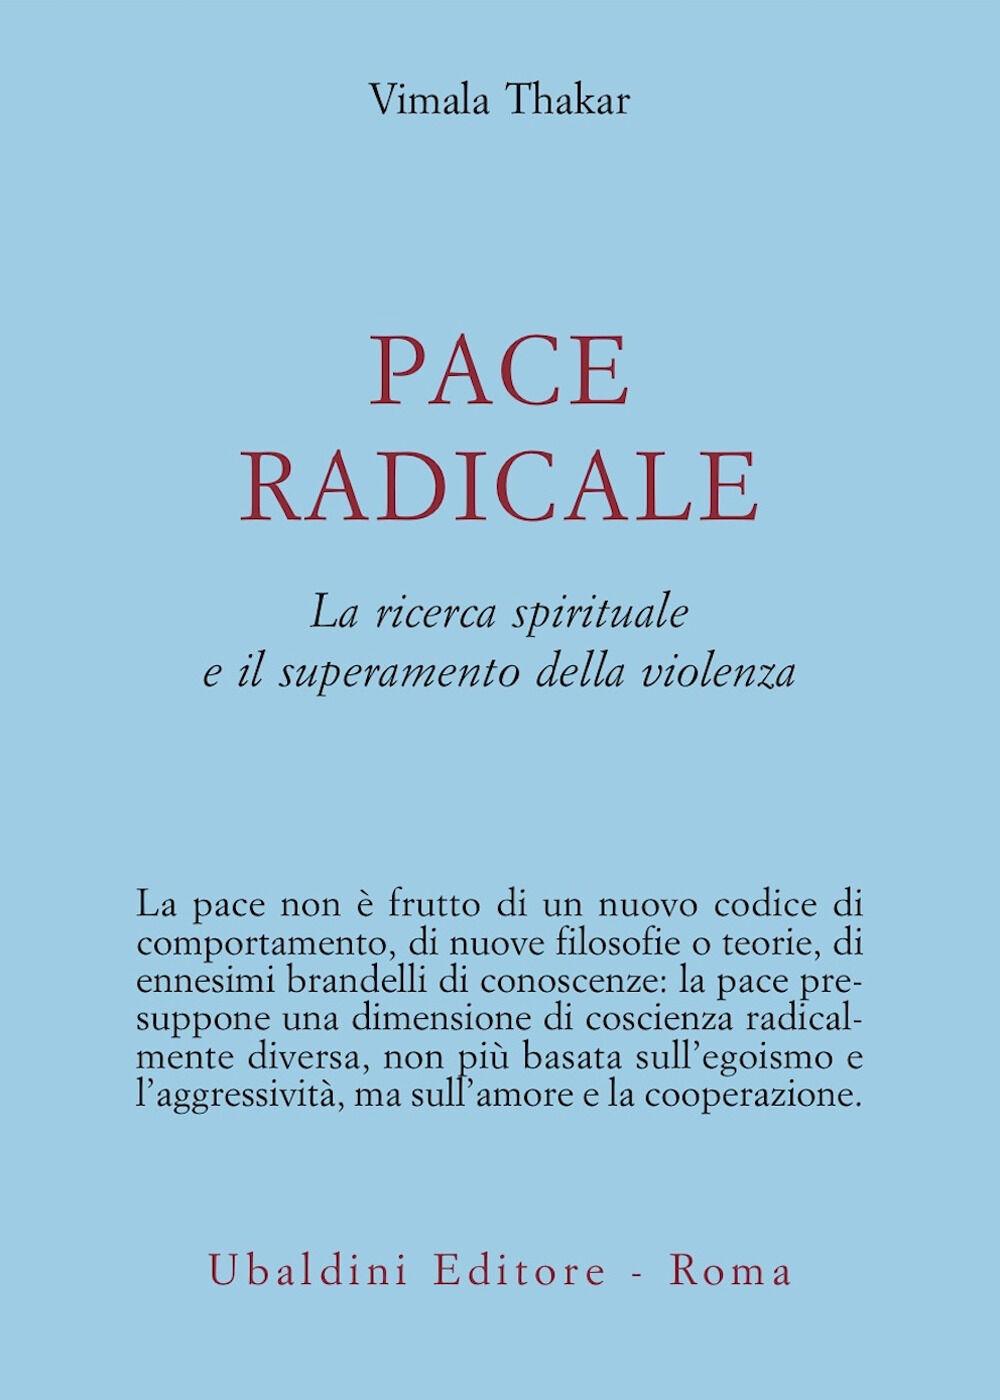 Pace radicale. La ricerca spirituale e il superamento della violenza